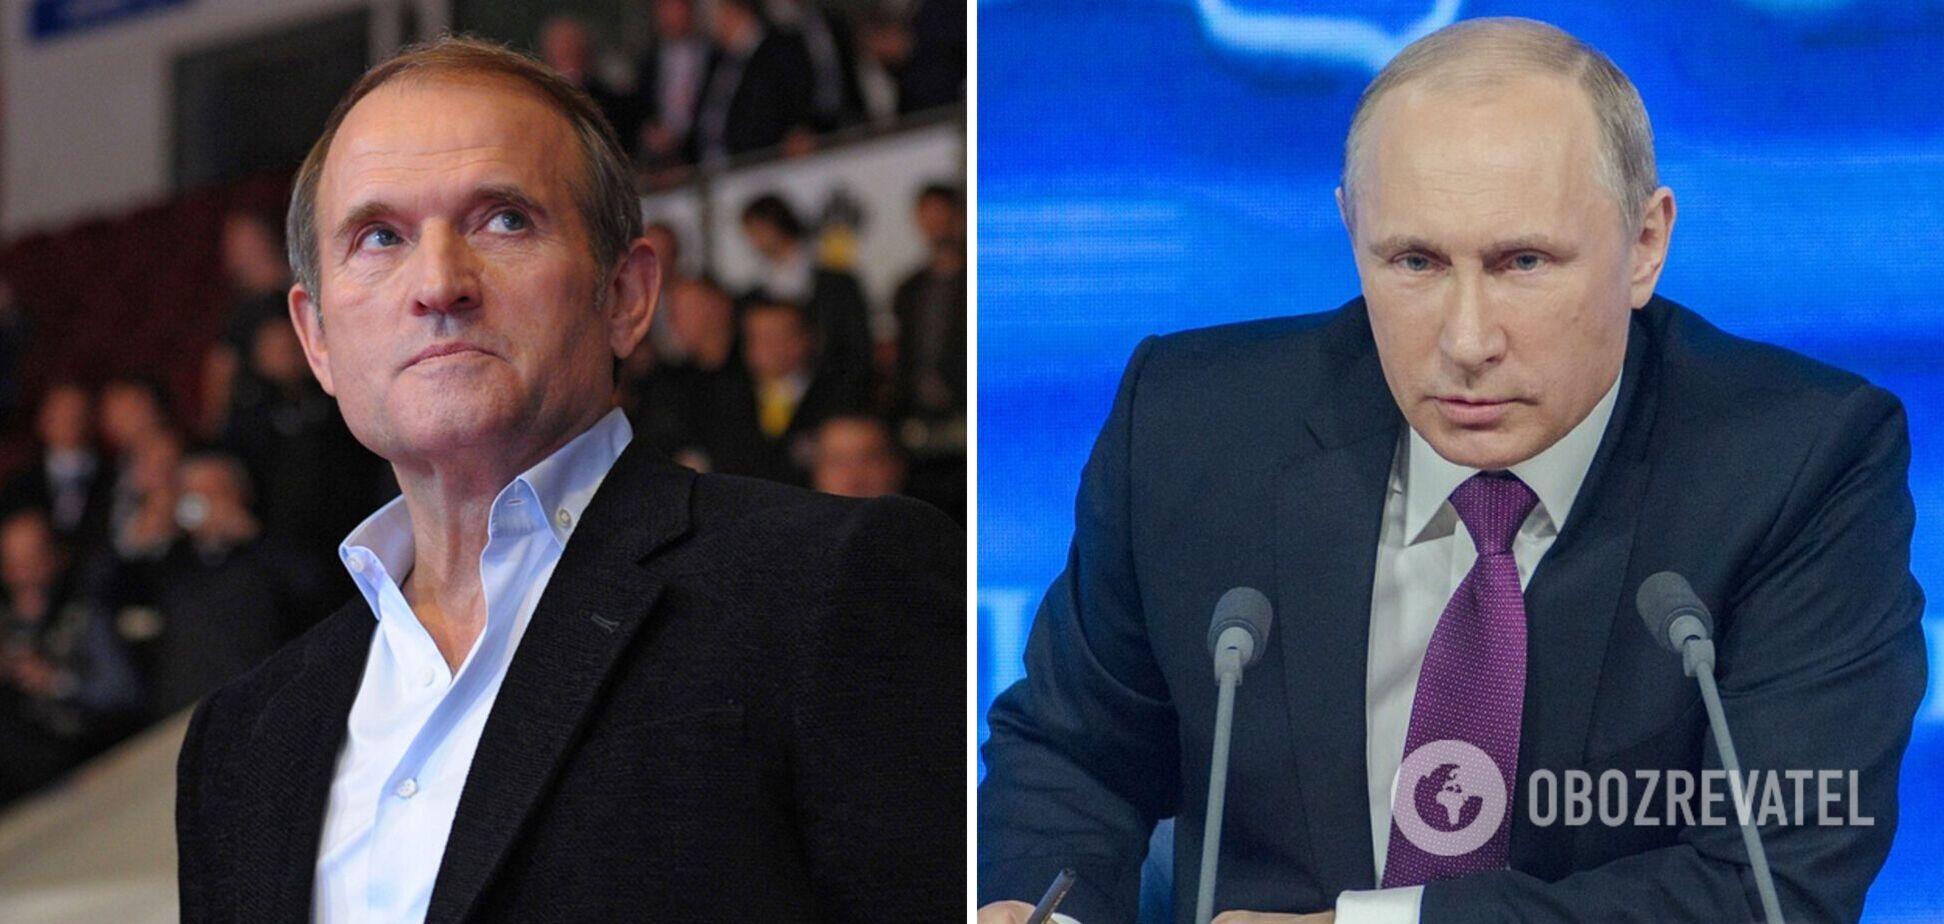 У РФ відреагували на рішення суду щодо Медведчука: Путін заявив про 'зачистку'